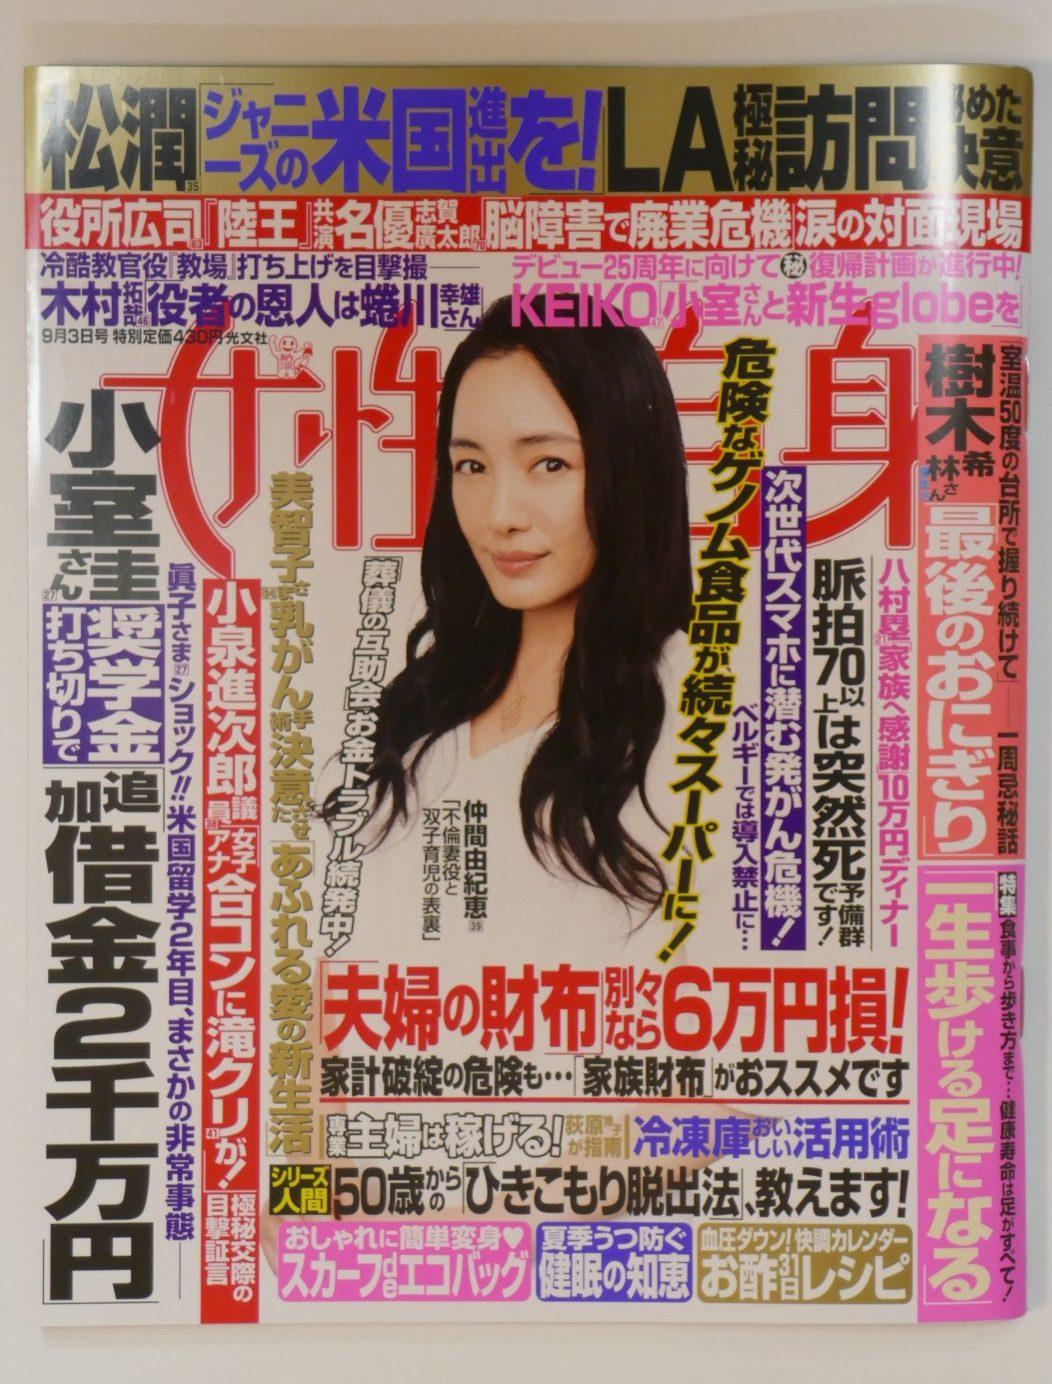 8月20日発売「女性自身」で『冷凍庫おいしい活用術』カラー特別付録